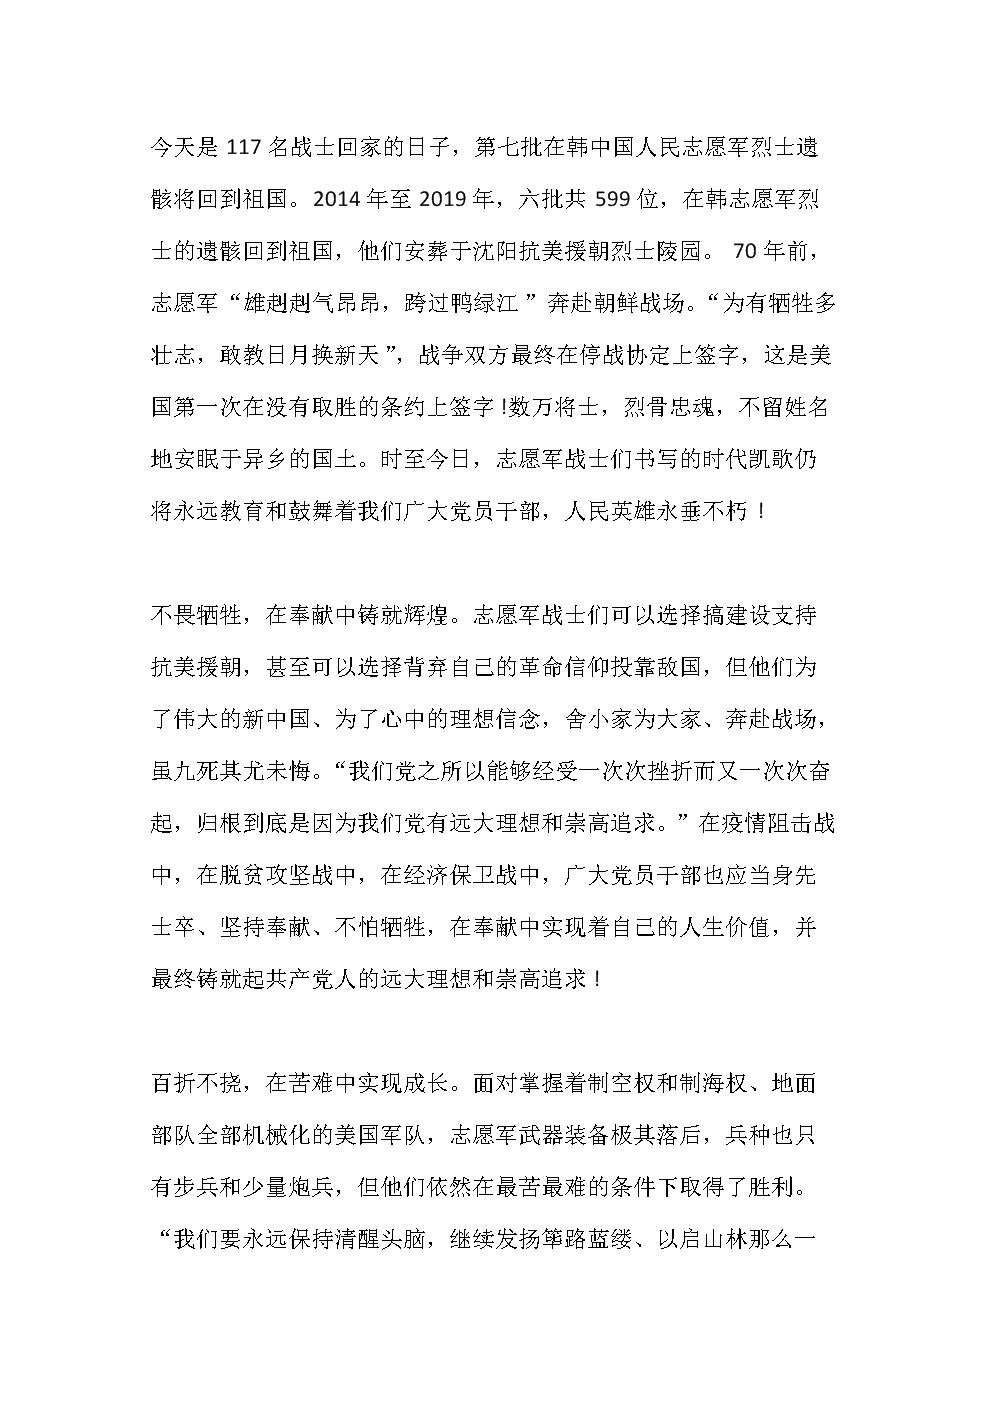 《抗美援朝战争史》读后感心得5.doc